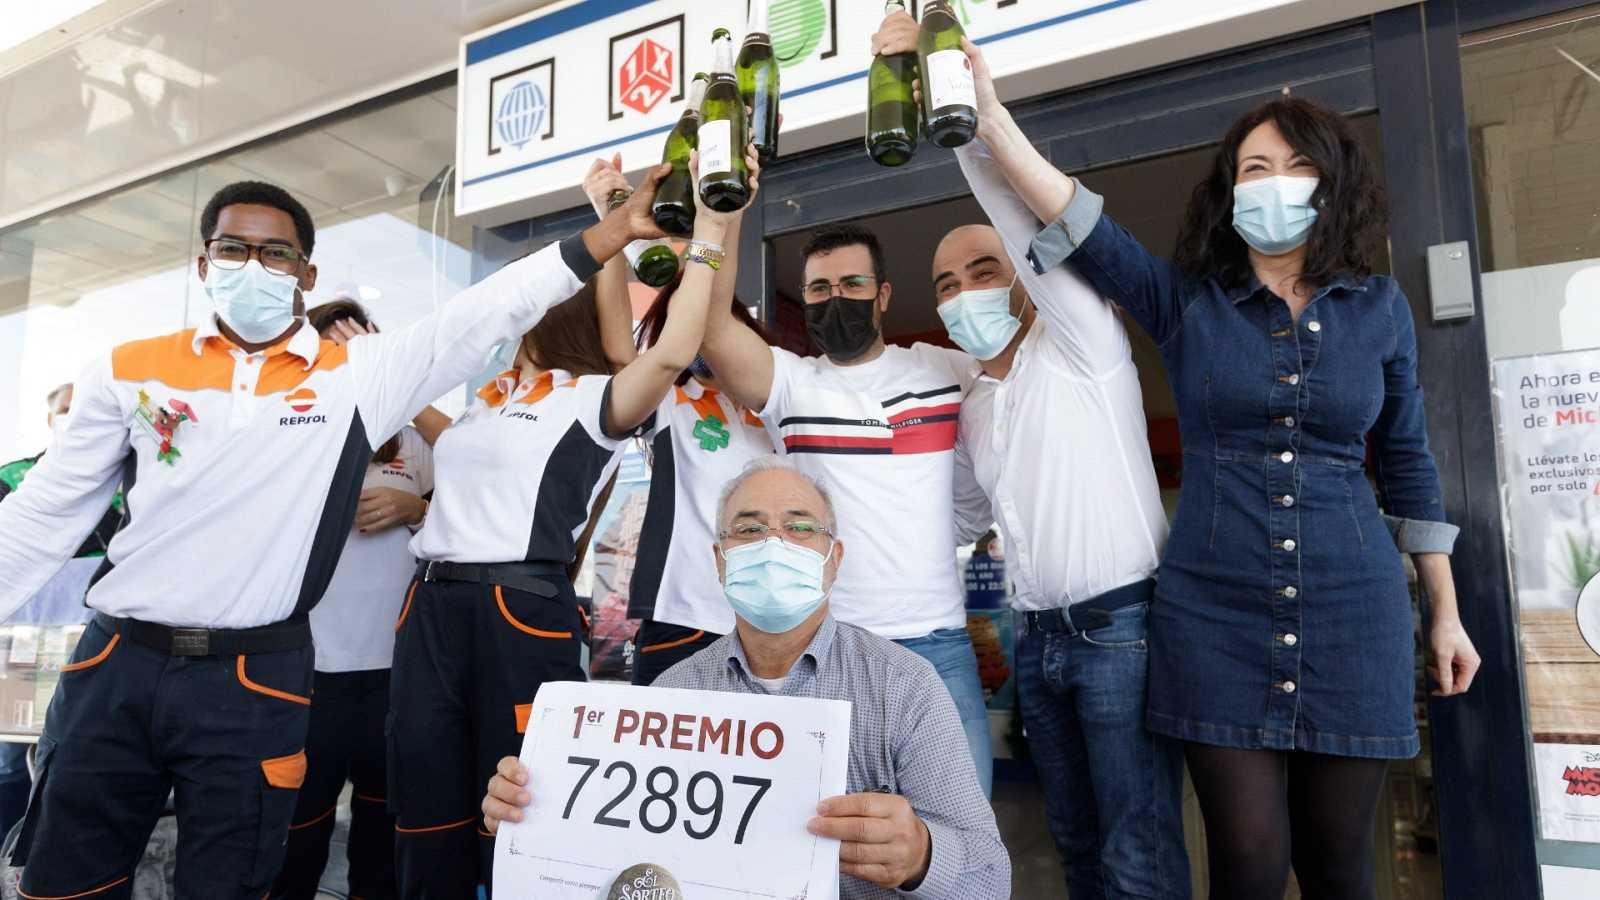 El 72.897, el Gordo de la Lotería de Navidad, reparte suerte sobre todo en Andalucía y Reus